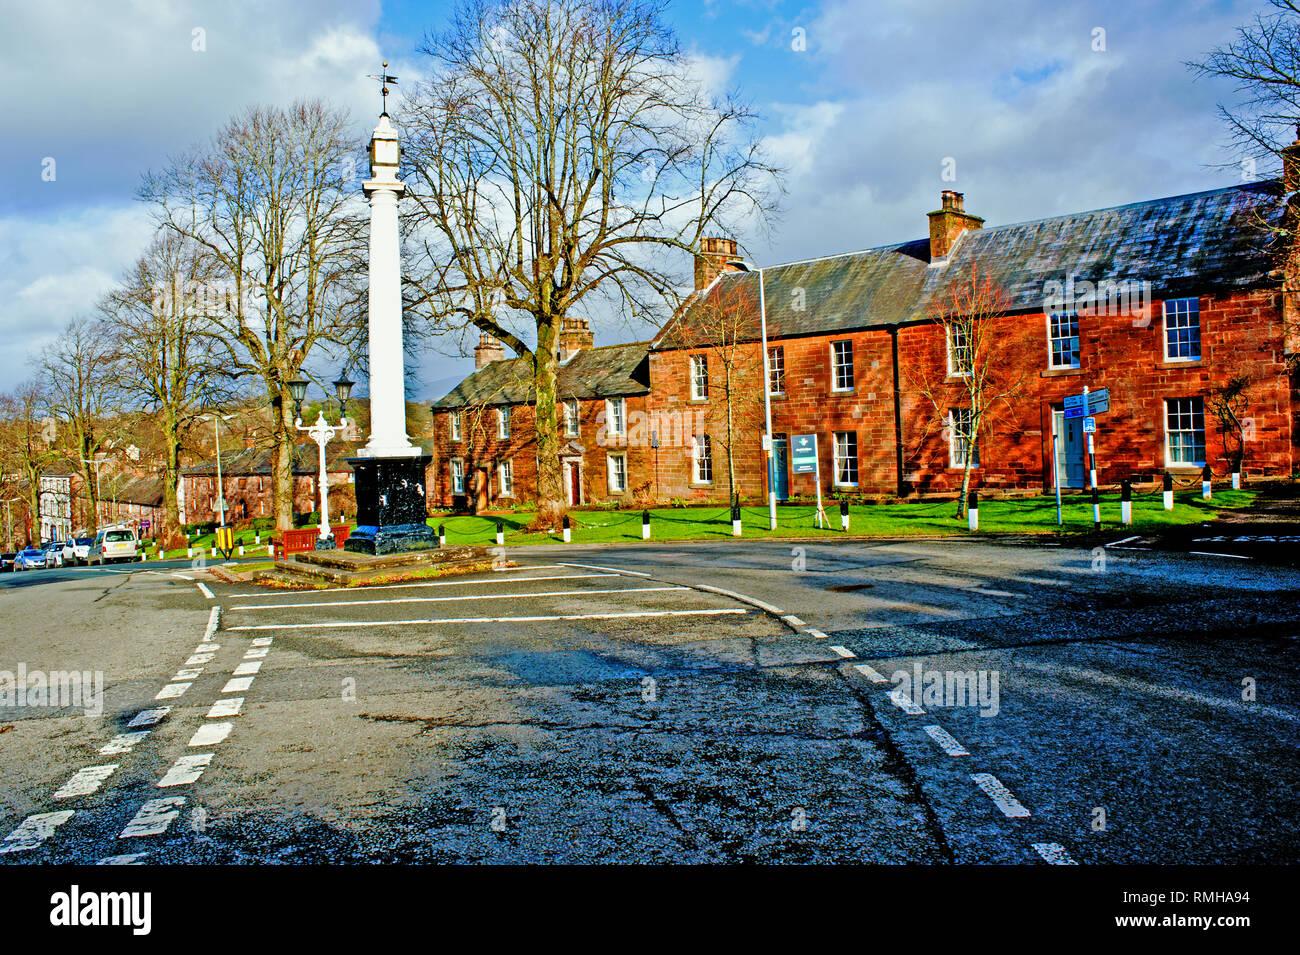 Boroughgate, Appleby in Westmorland, Cumbria, England - Stock Image